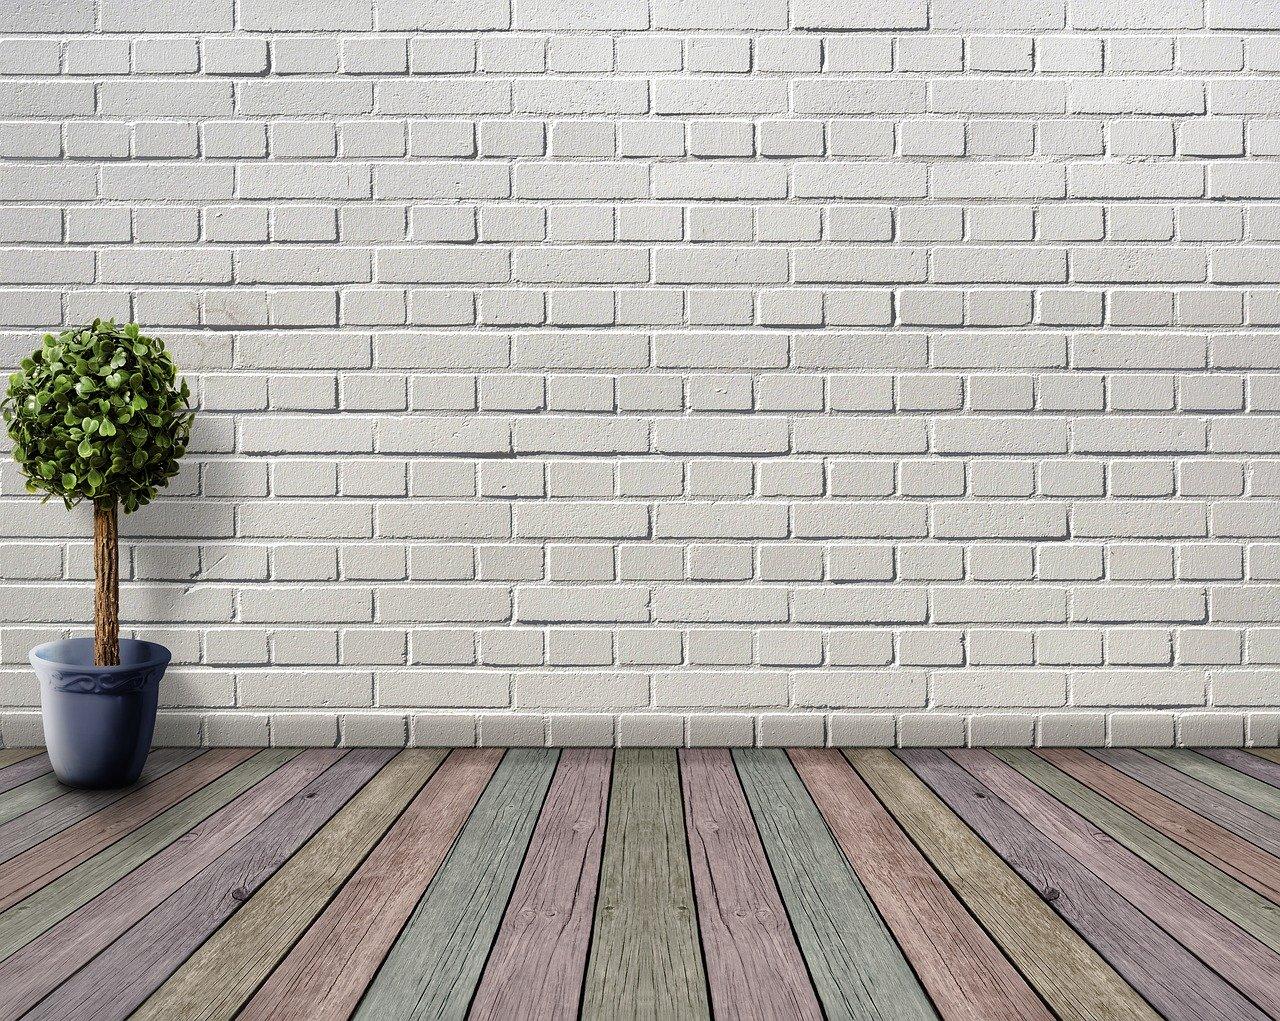 space, empty, wood floor